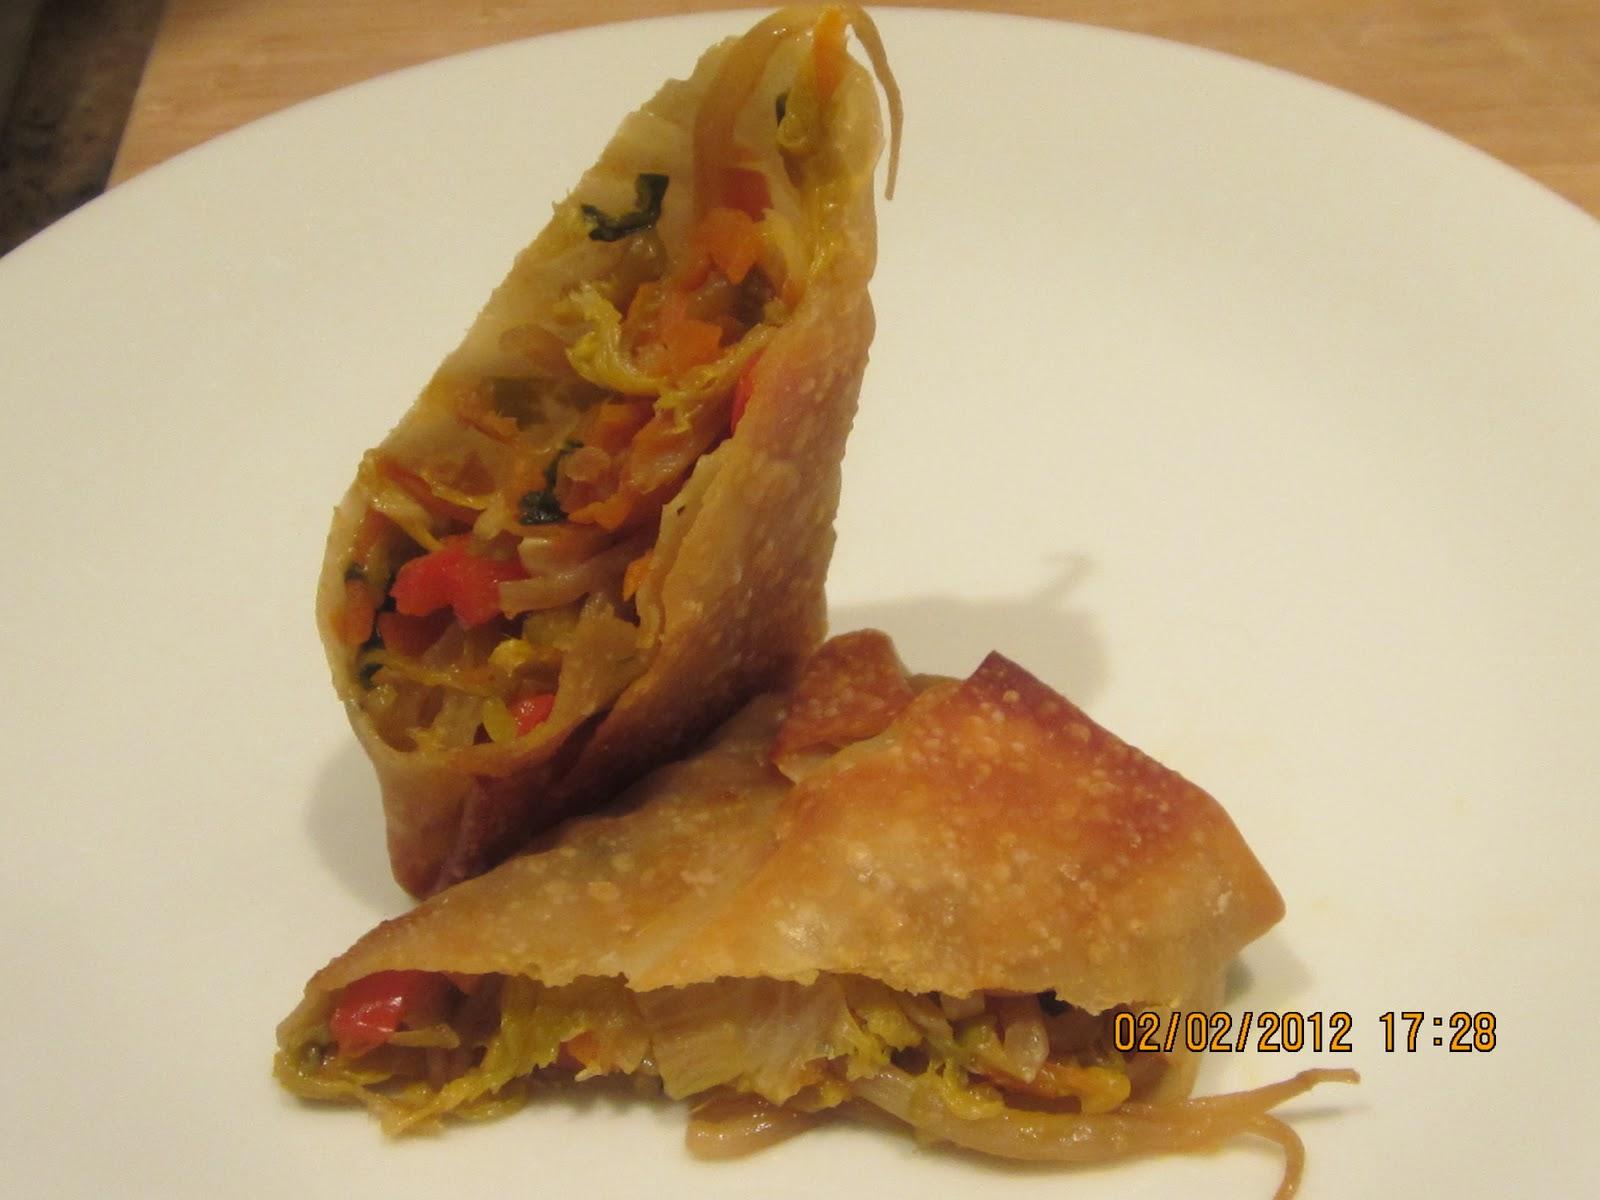 The Kitchen Diva: Baked Vegetable Egg Rolls